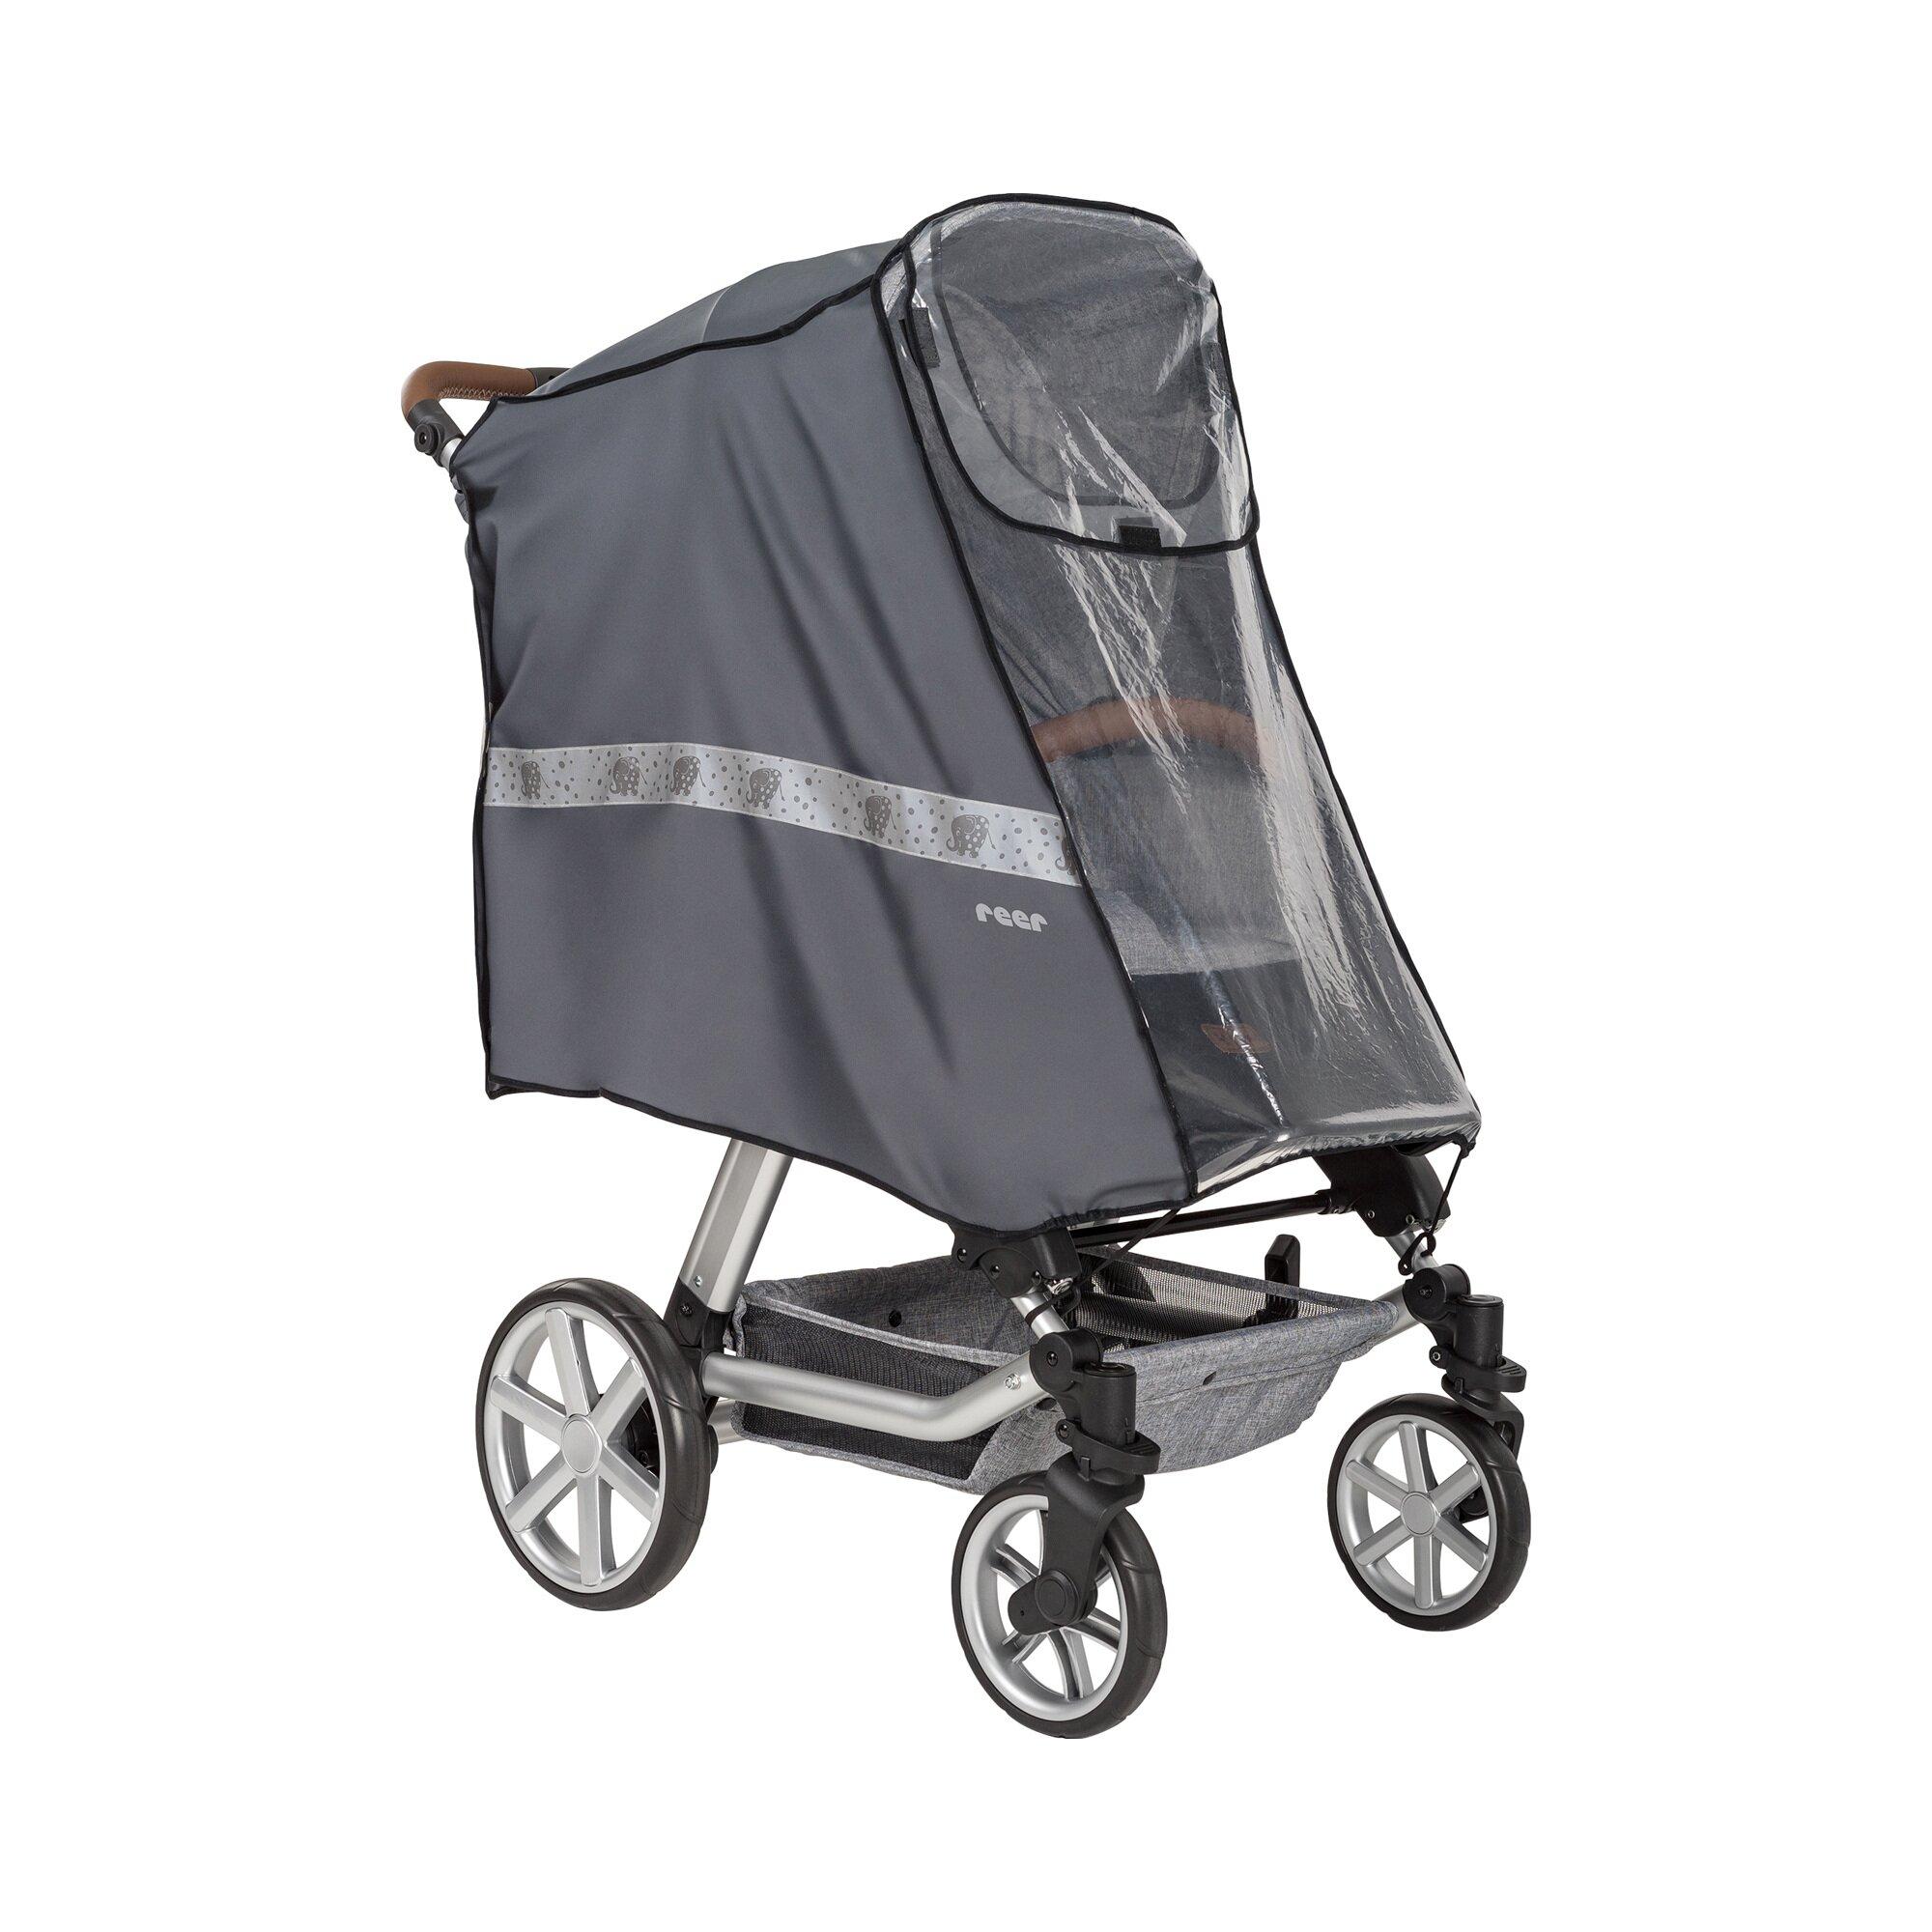 Reer Regenschutz RainSafe Active für Buggy, Kinderwagen Sportwagen transparent